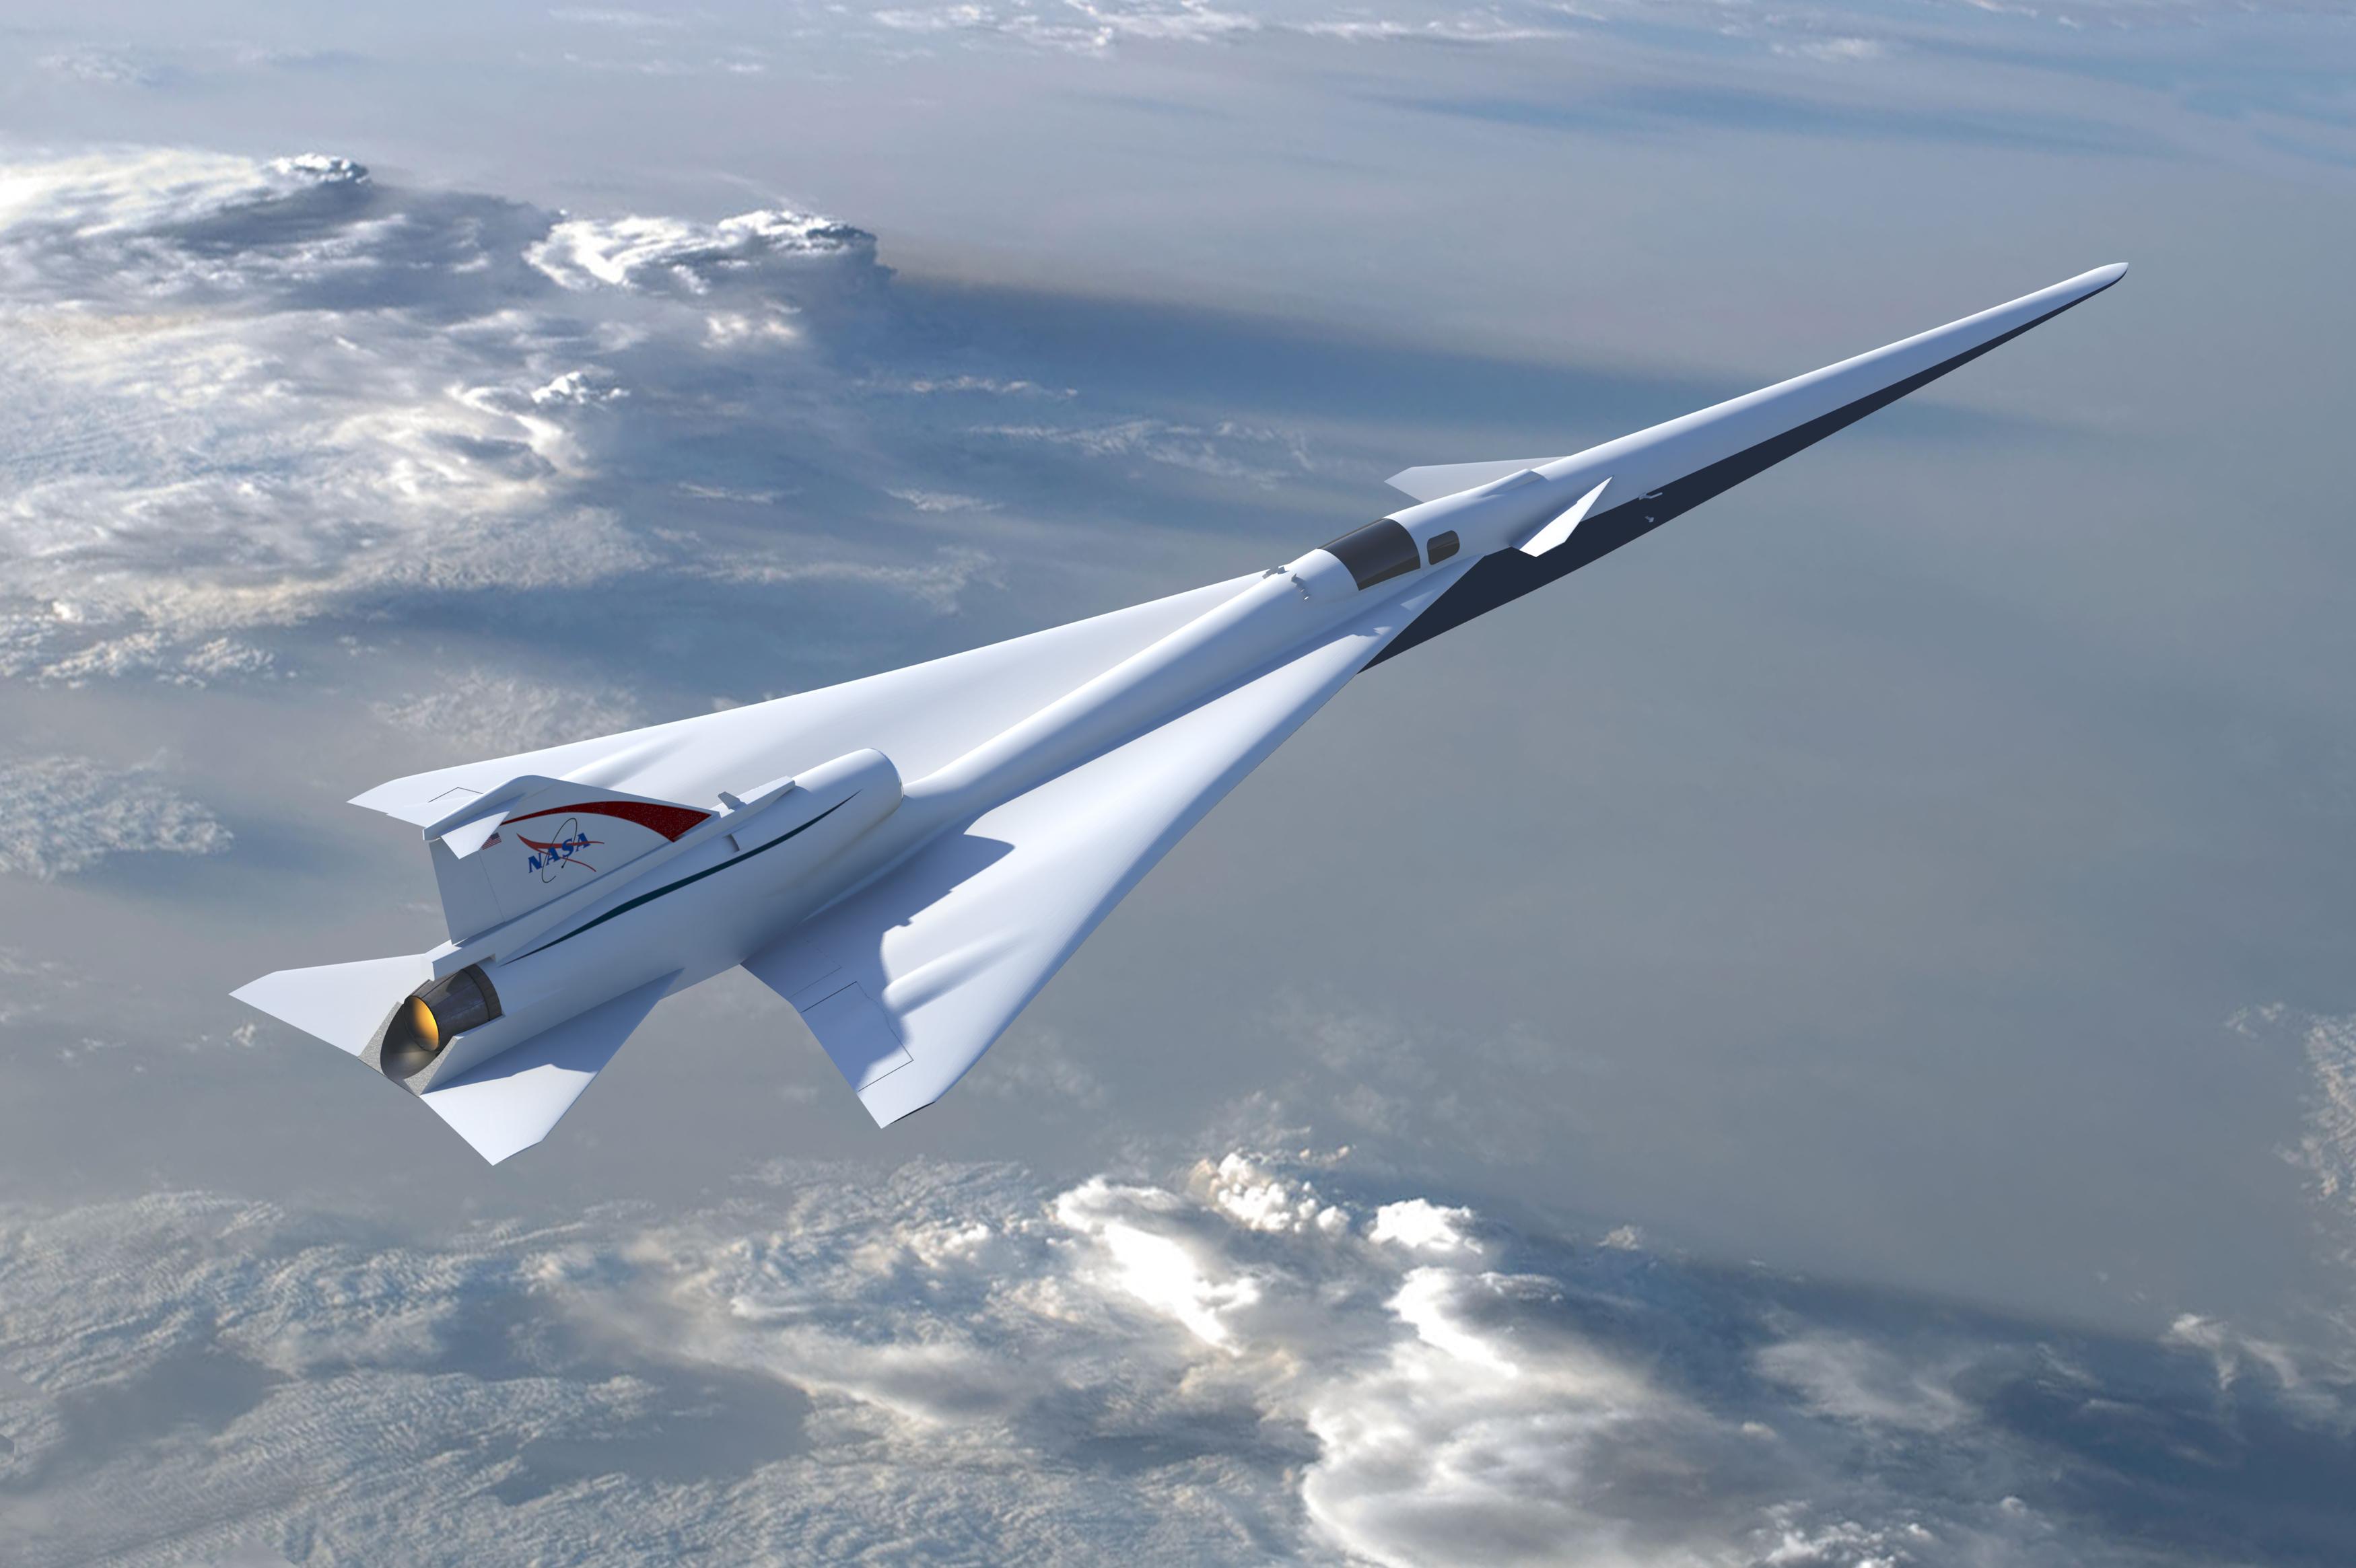 Whats Next For NASA NASA - Examples future planes look according nasa